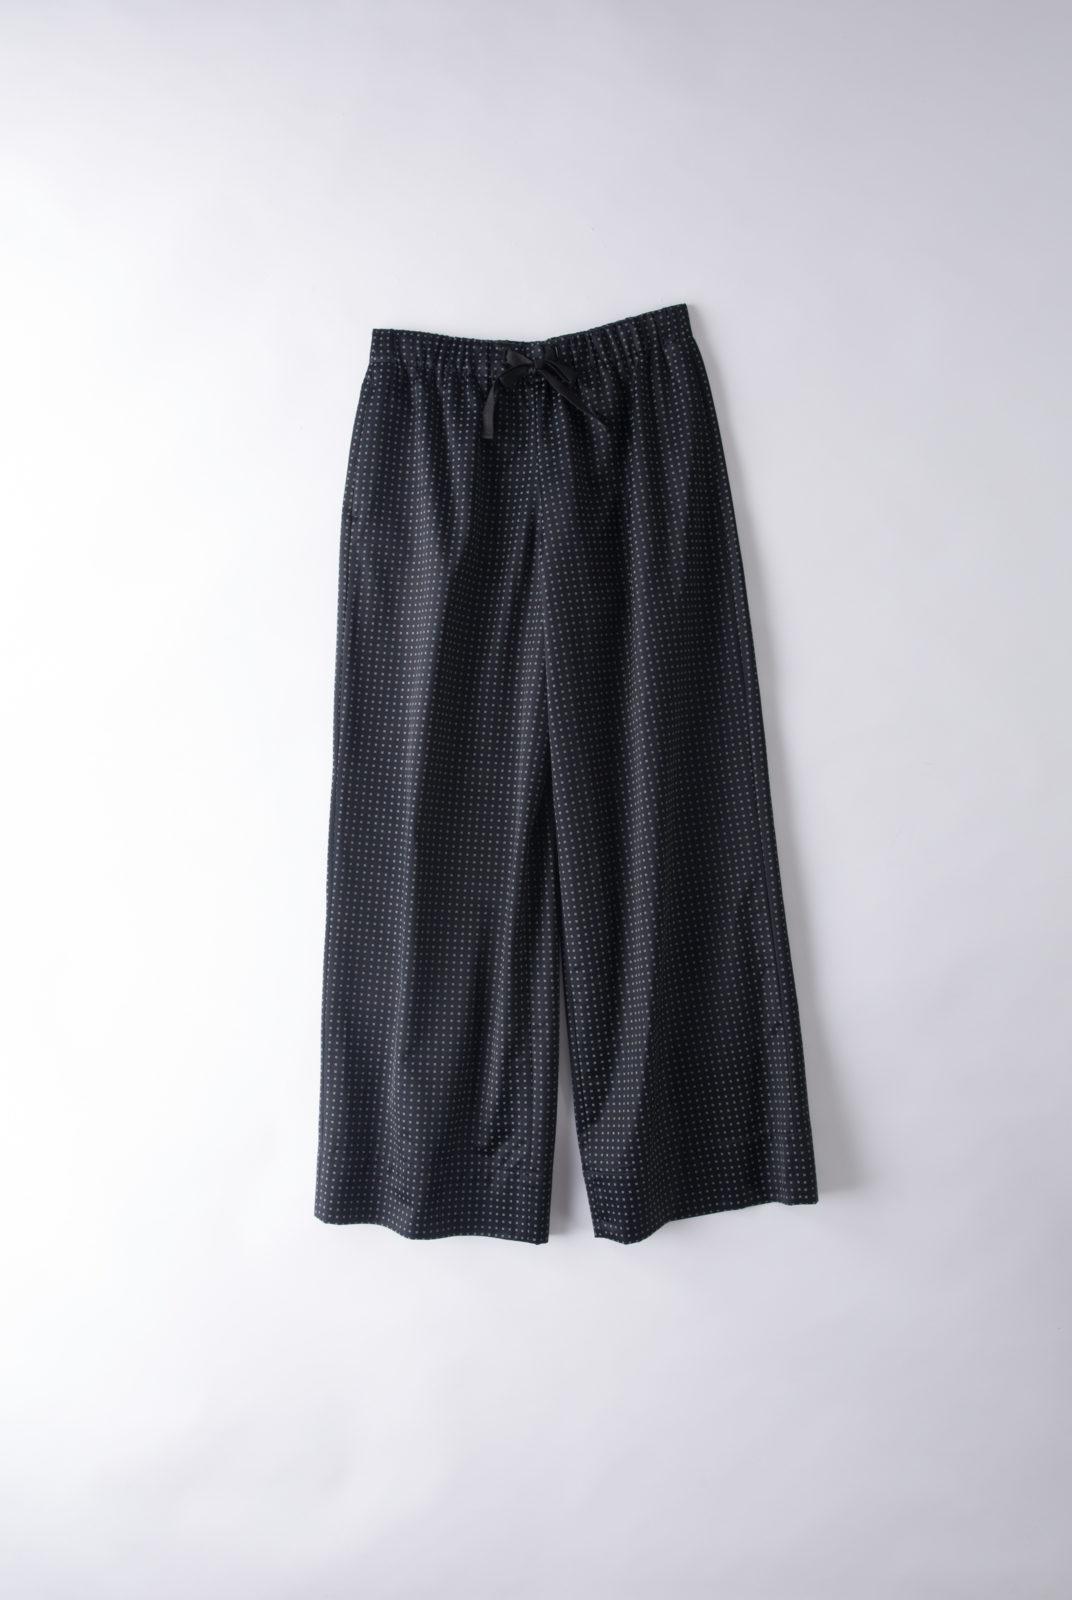 pantalon, coton, viscose, imprimé italien, couple ample, court, taille élastique, ajustable, lacet plat, APC